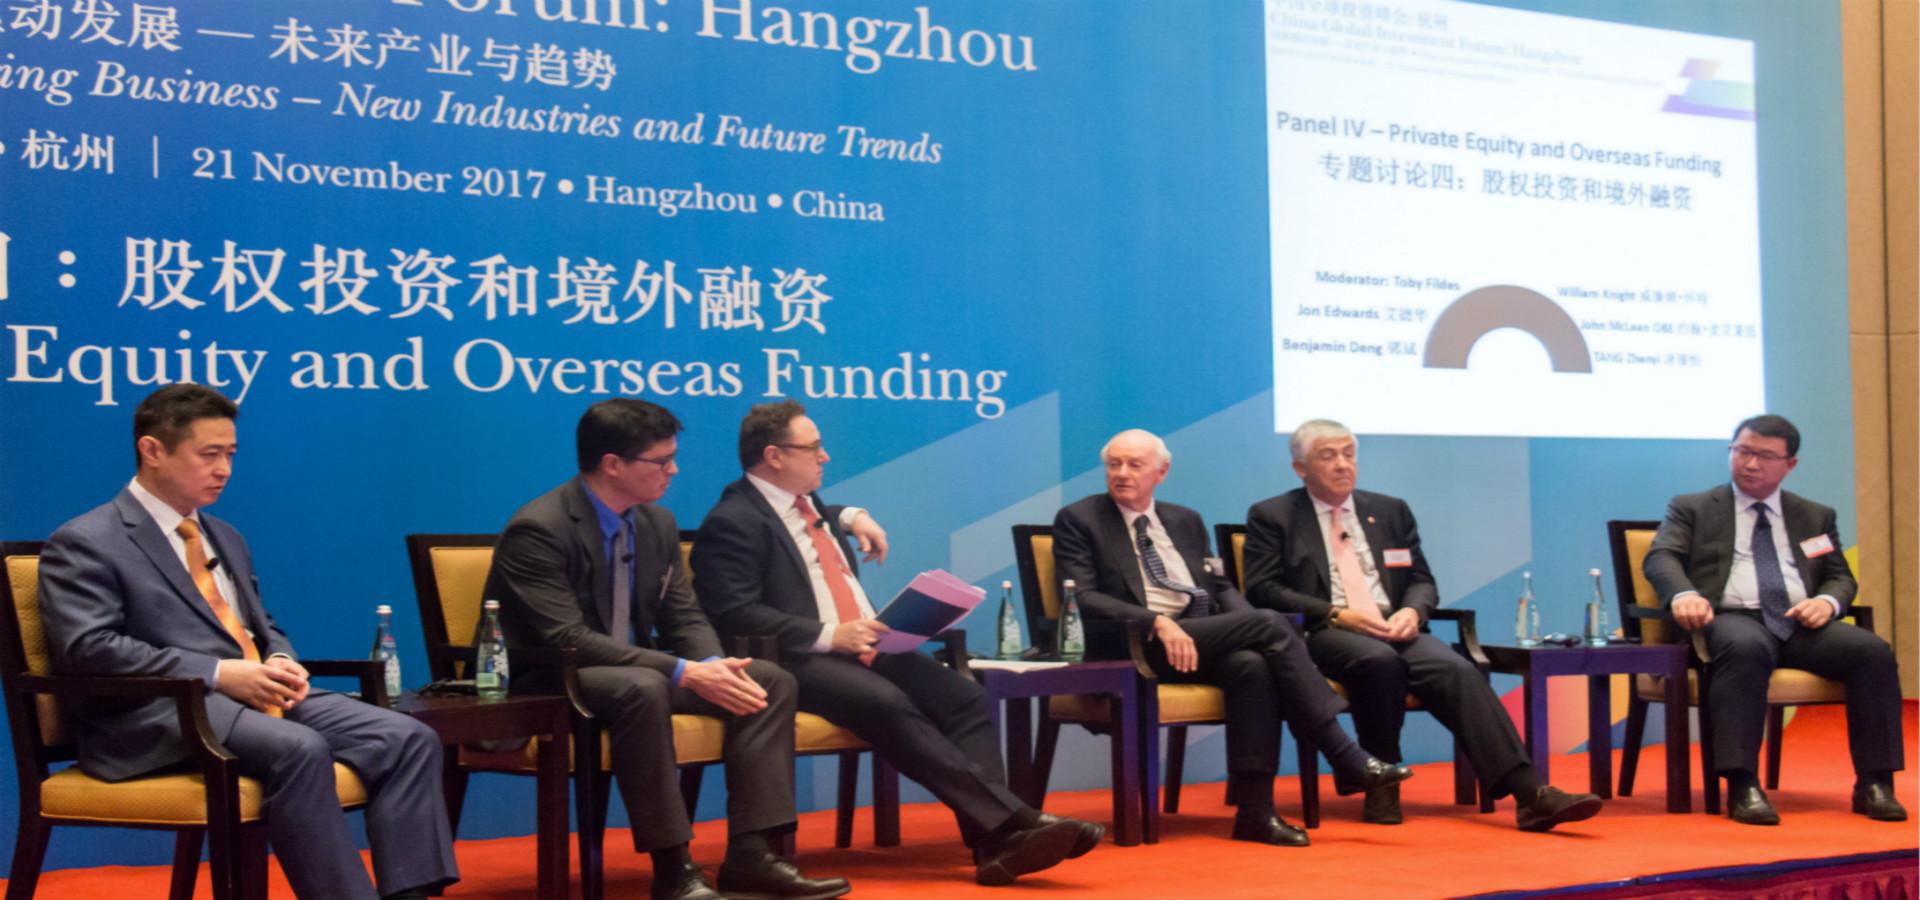 中外大咖探討股權投資和境外融資